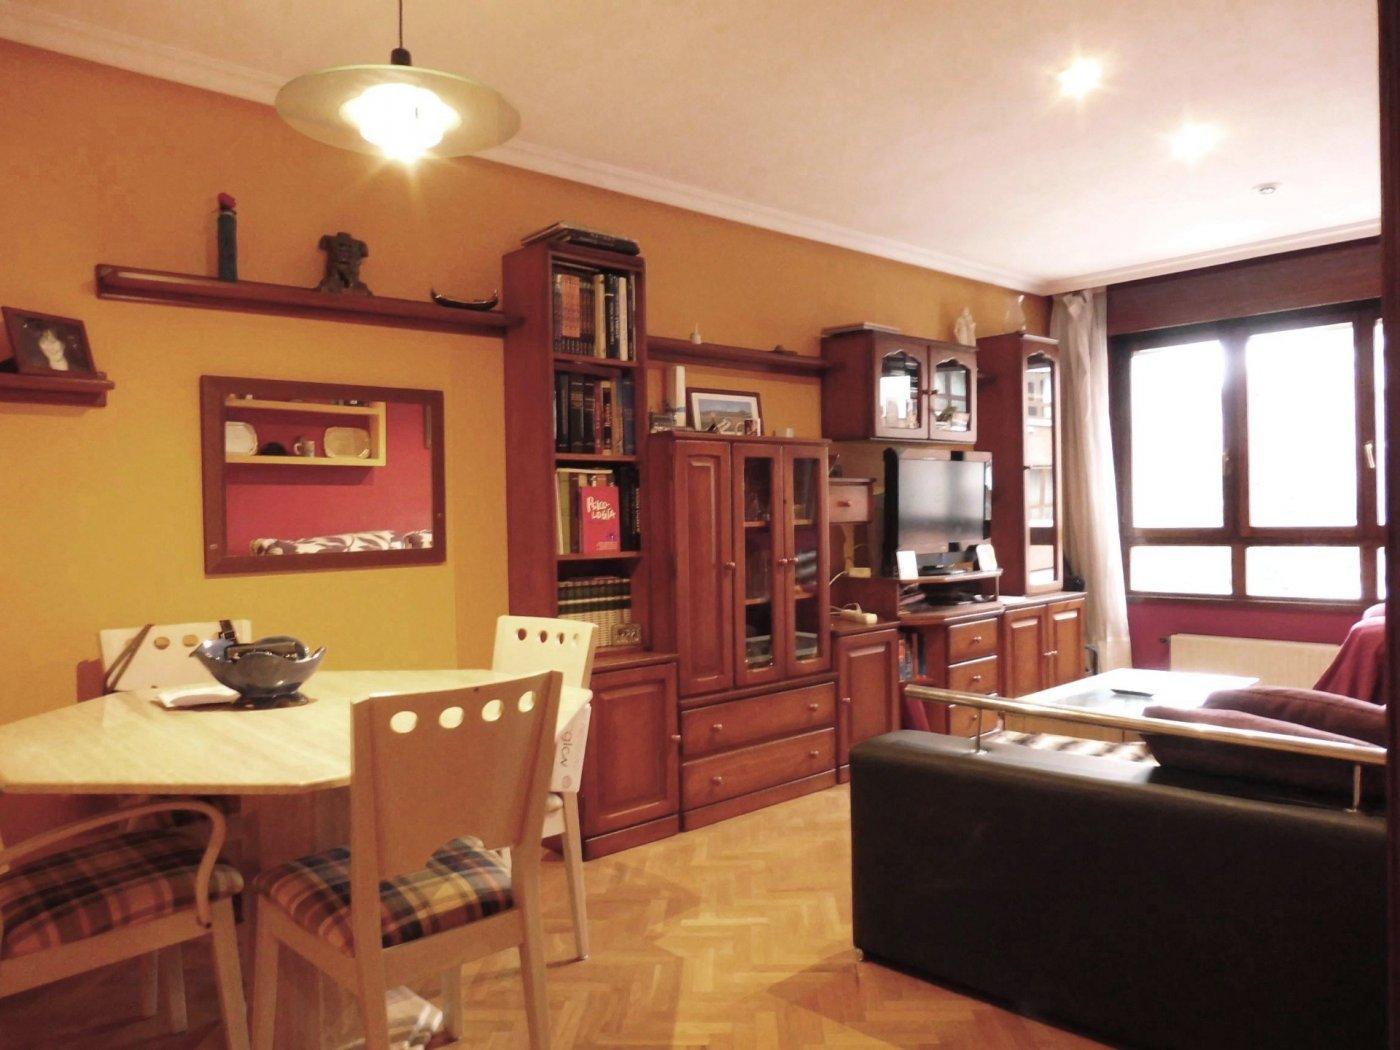 Piso de cuatro habitaciones con garaje y trastero al principio de la florida - imagenInmueble2